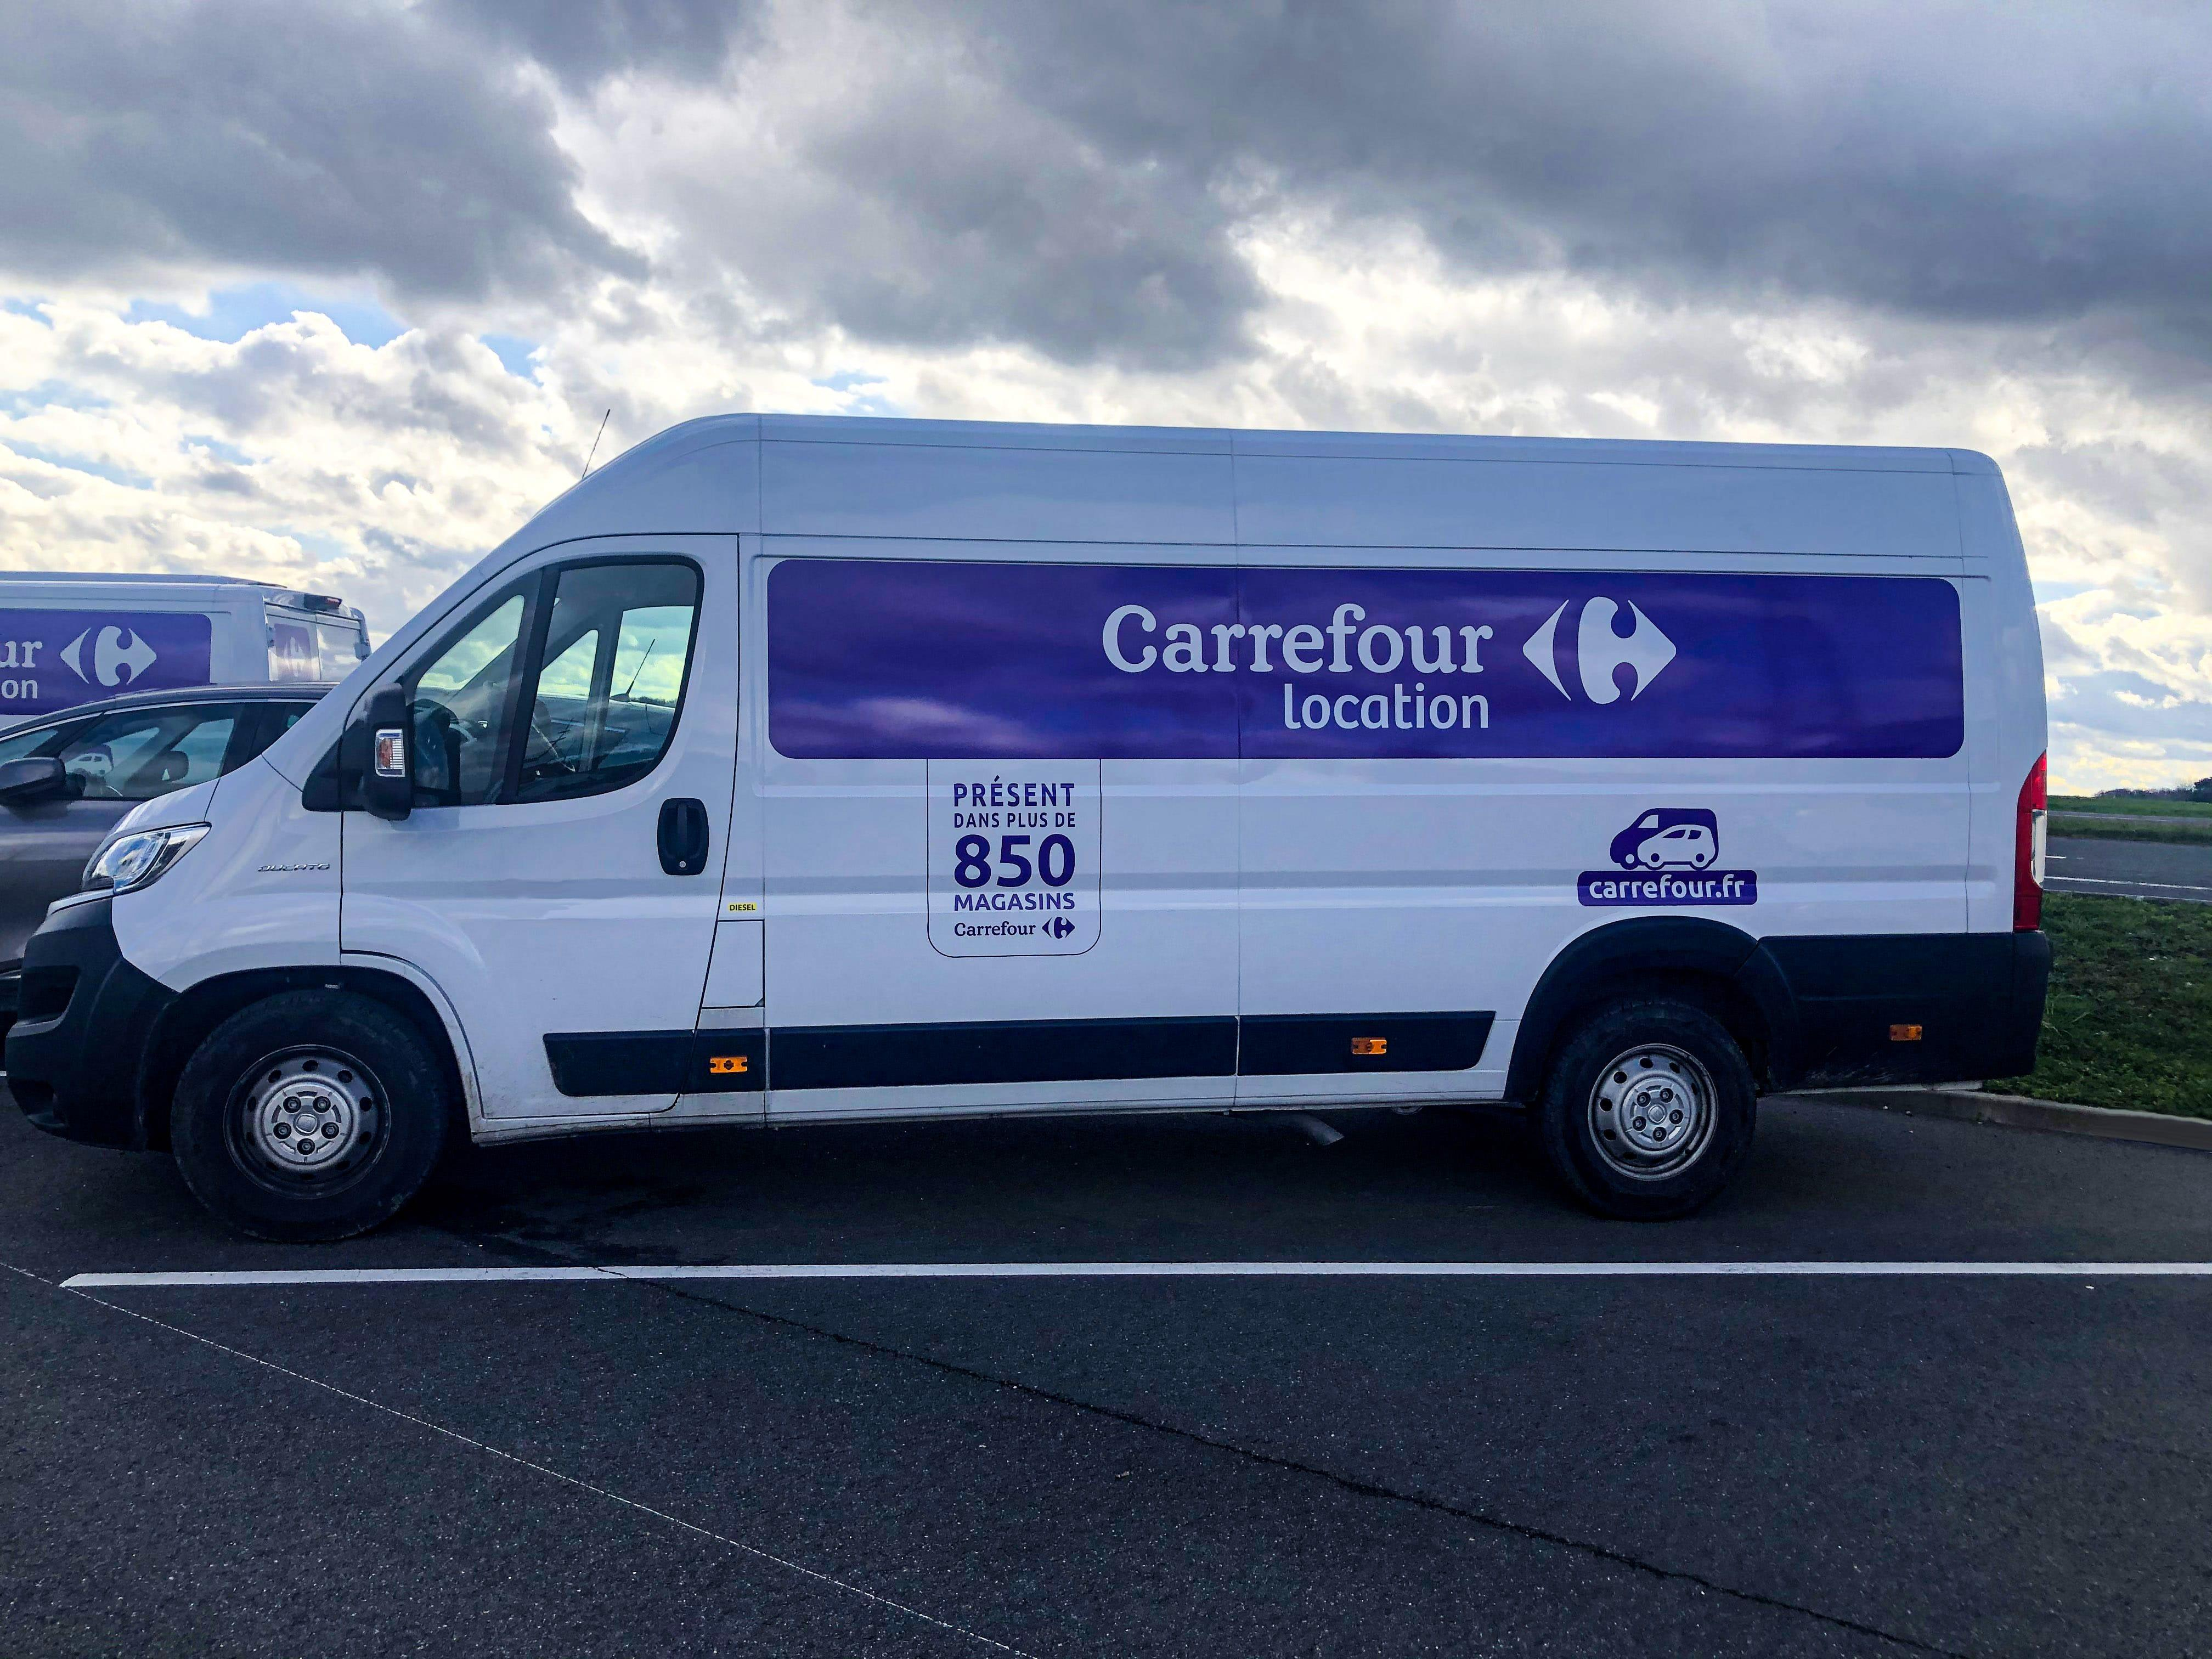 Carrefour Location : Location De Véhicule Vaulx En Velin avec Carrefour Sept Chemins